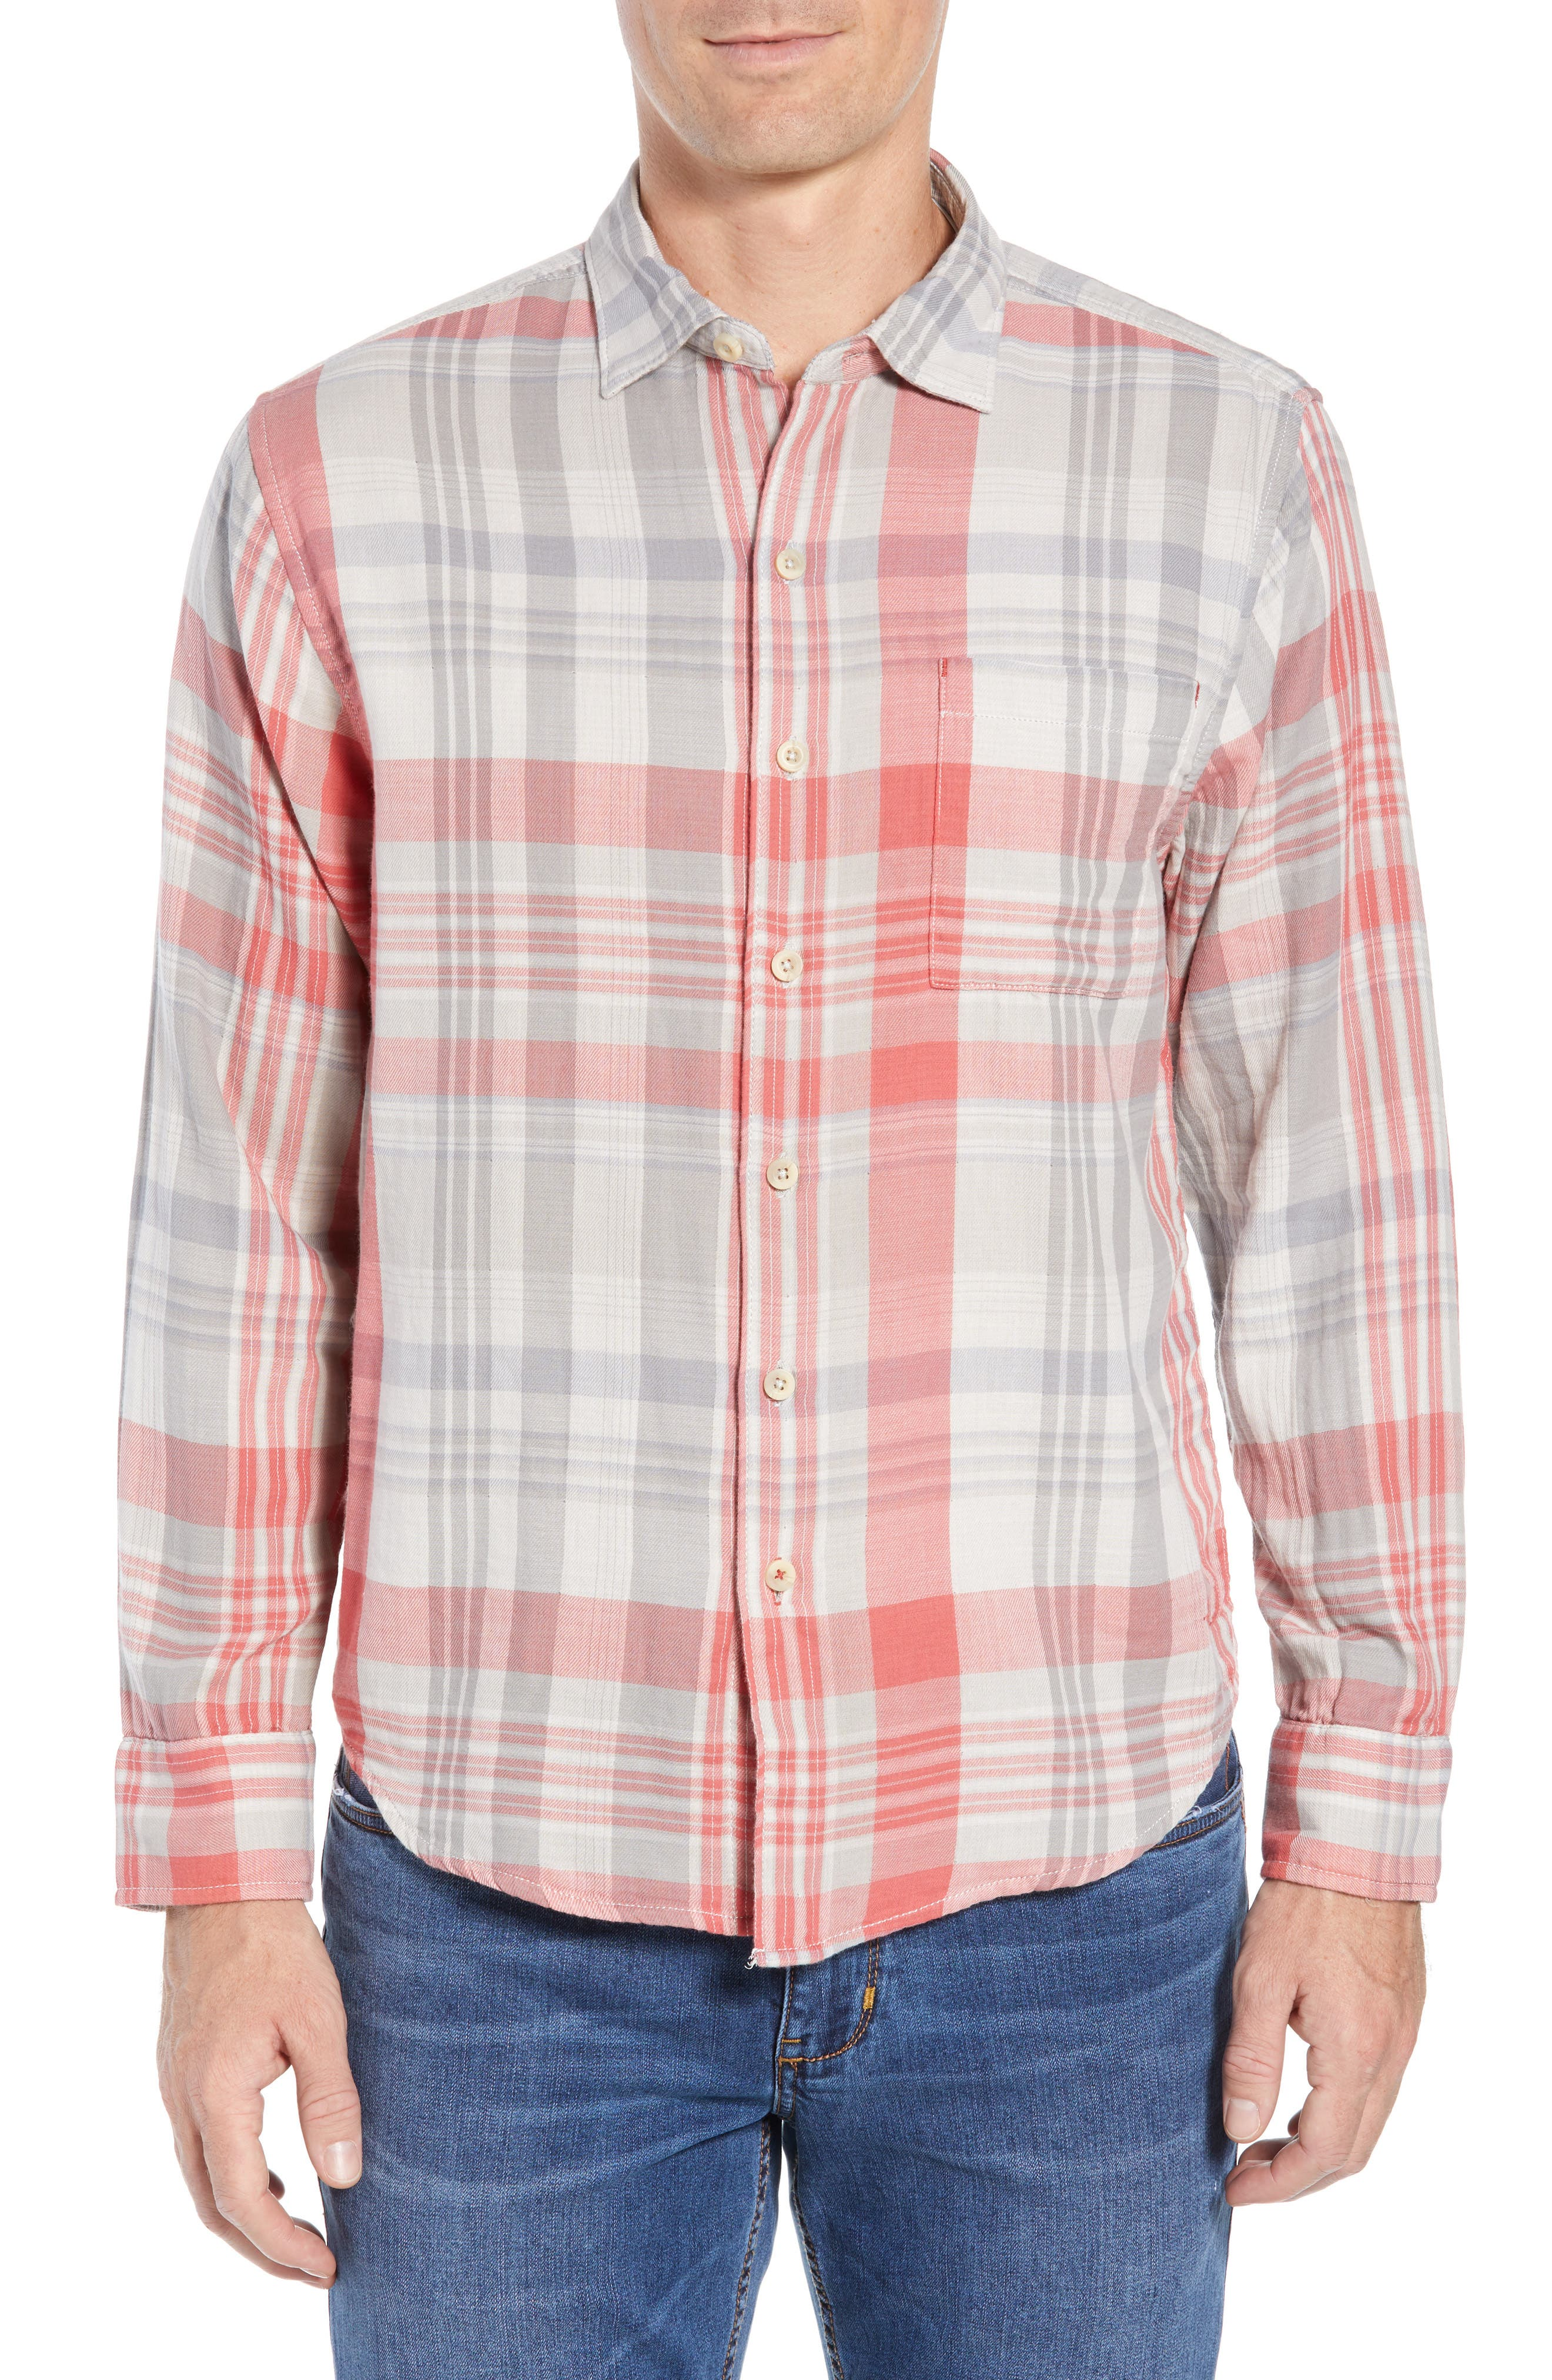 Monteverde Madras Regular Fit Shirt,                         Main,                         color, POINCIANA